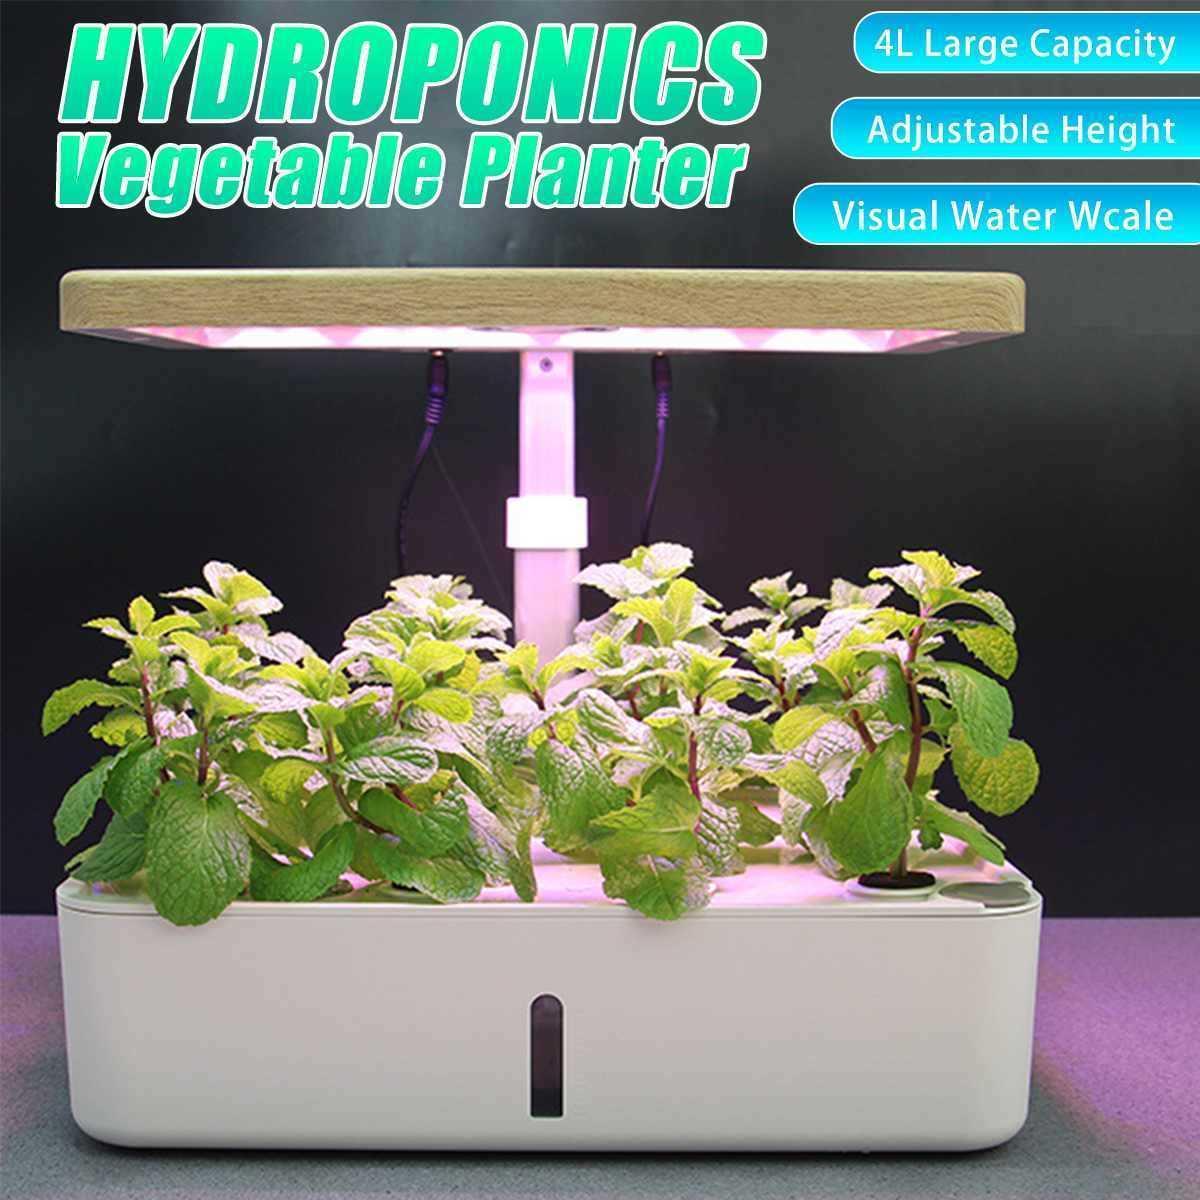 Lampe de bureau HYDROPONIC HYDROPONIC HERB GARD KIT SMART MULTI-FONCTION CROISSION LED LED pour la croissance de la plante végétale de fleurs 210615